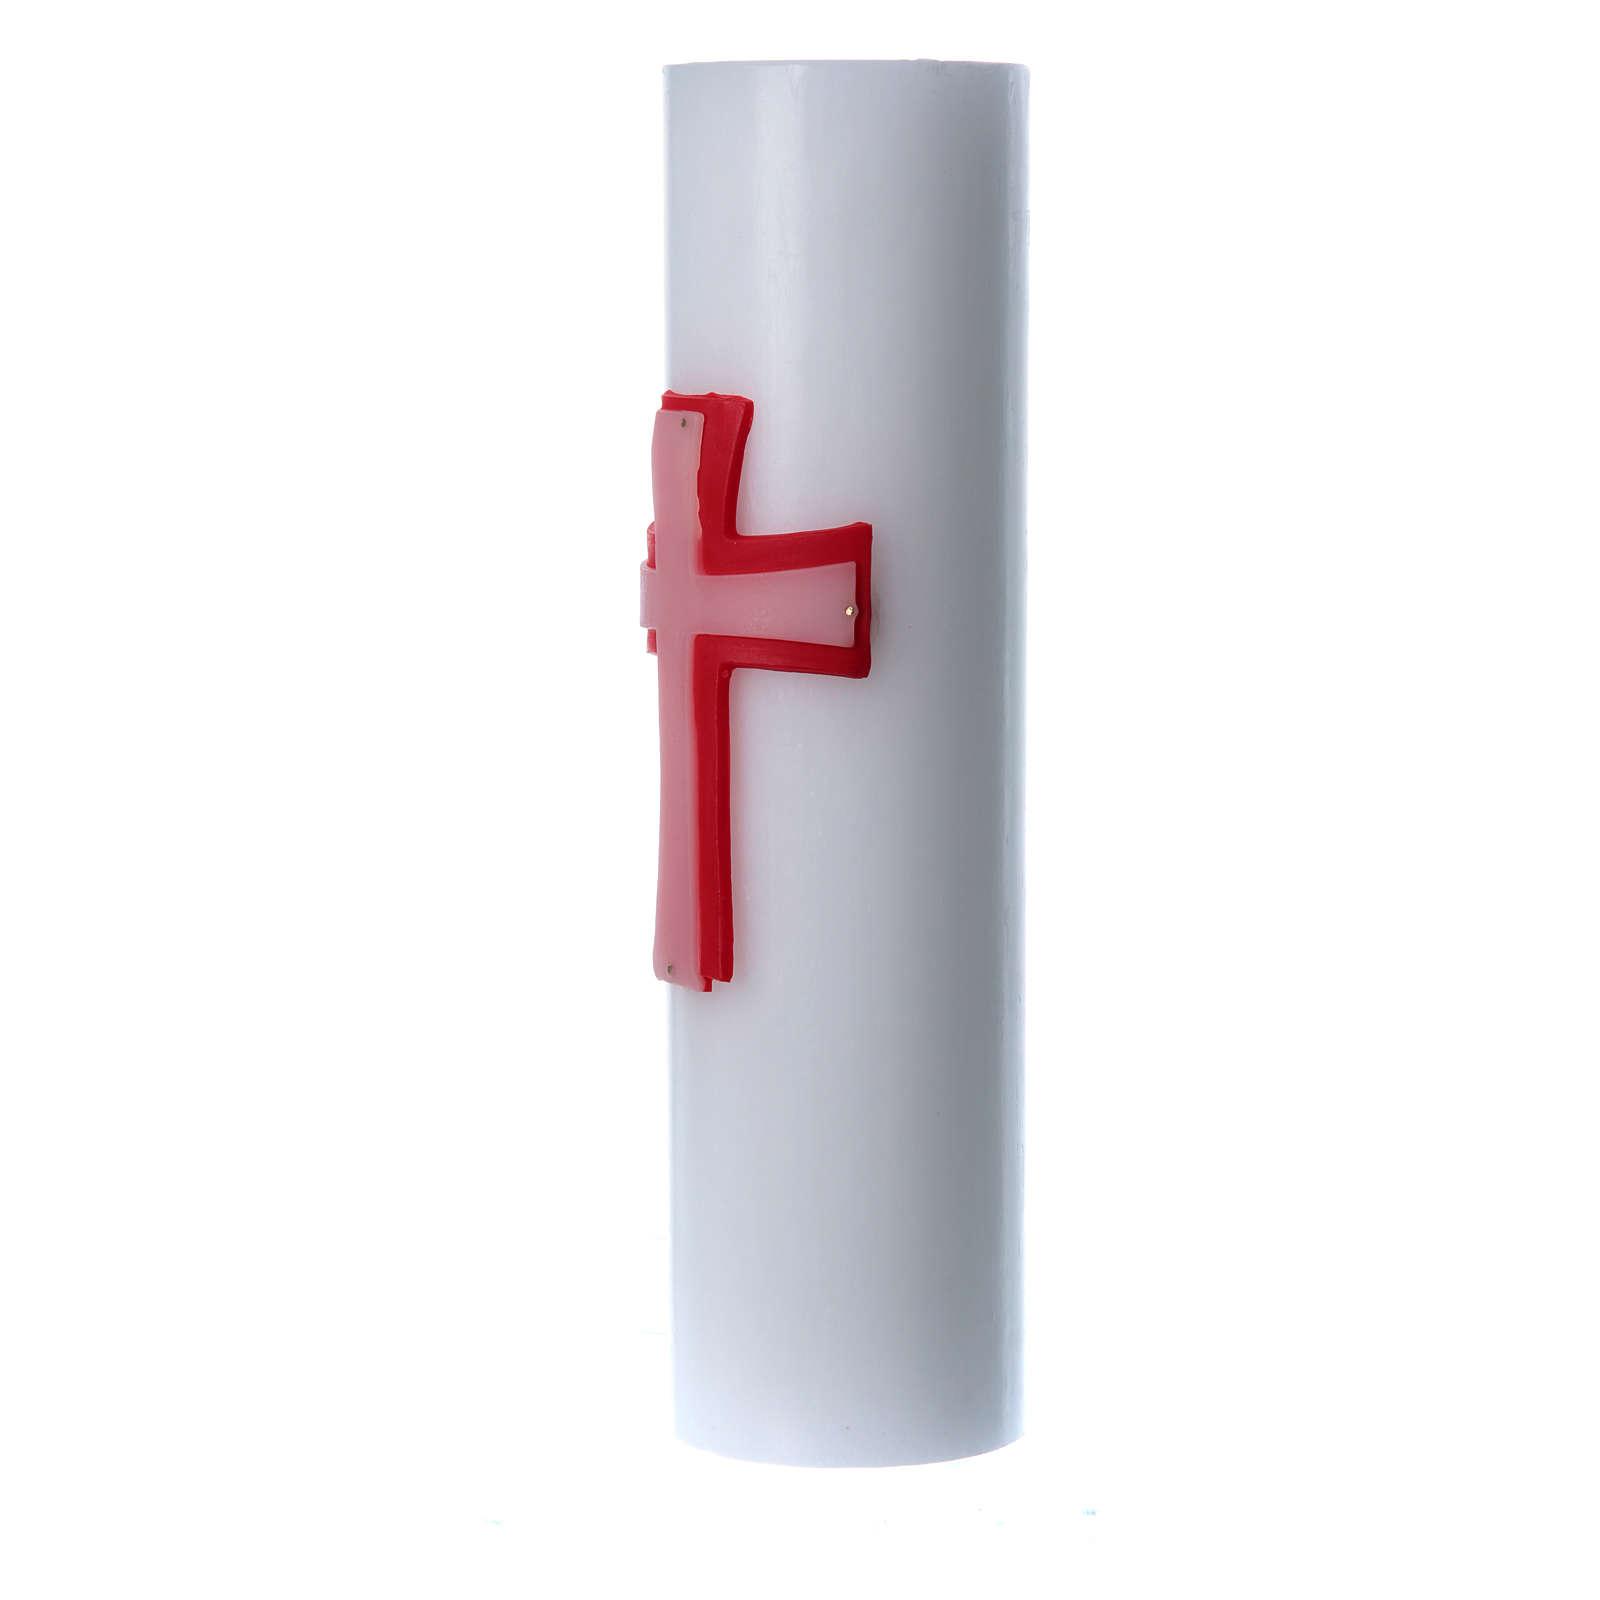 Świeca ołtarzowa wosk biały płaskorzeźba Krzyż czerwony średnica 8 cm 3